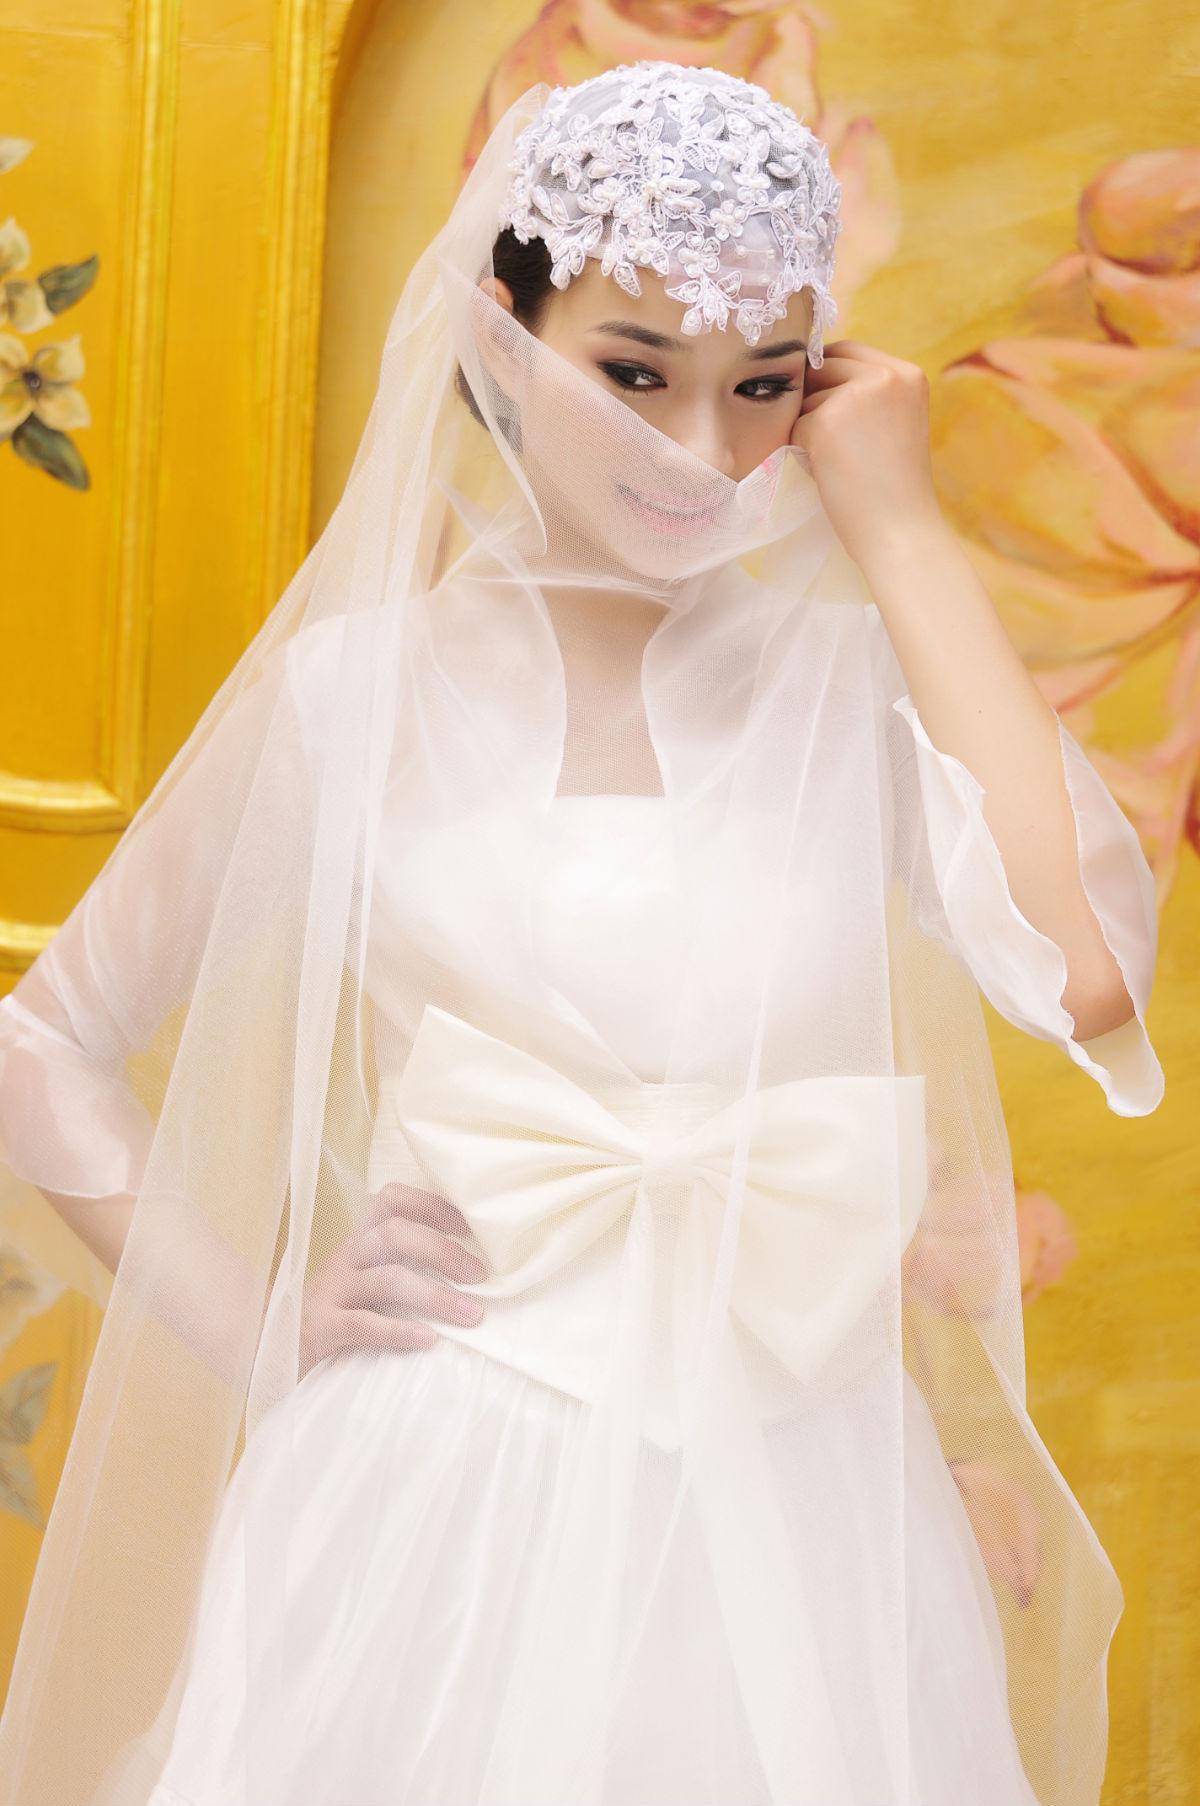 穆斯林婚纱照唯美图片展示图片